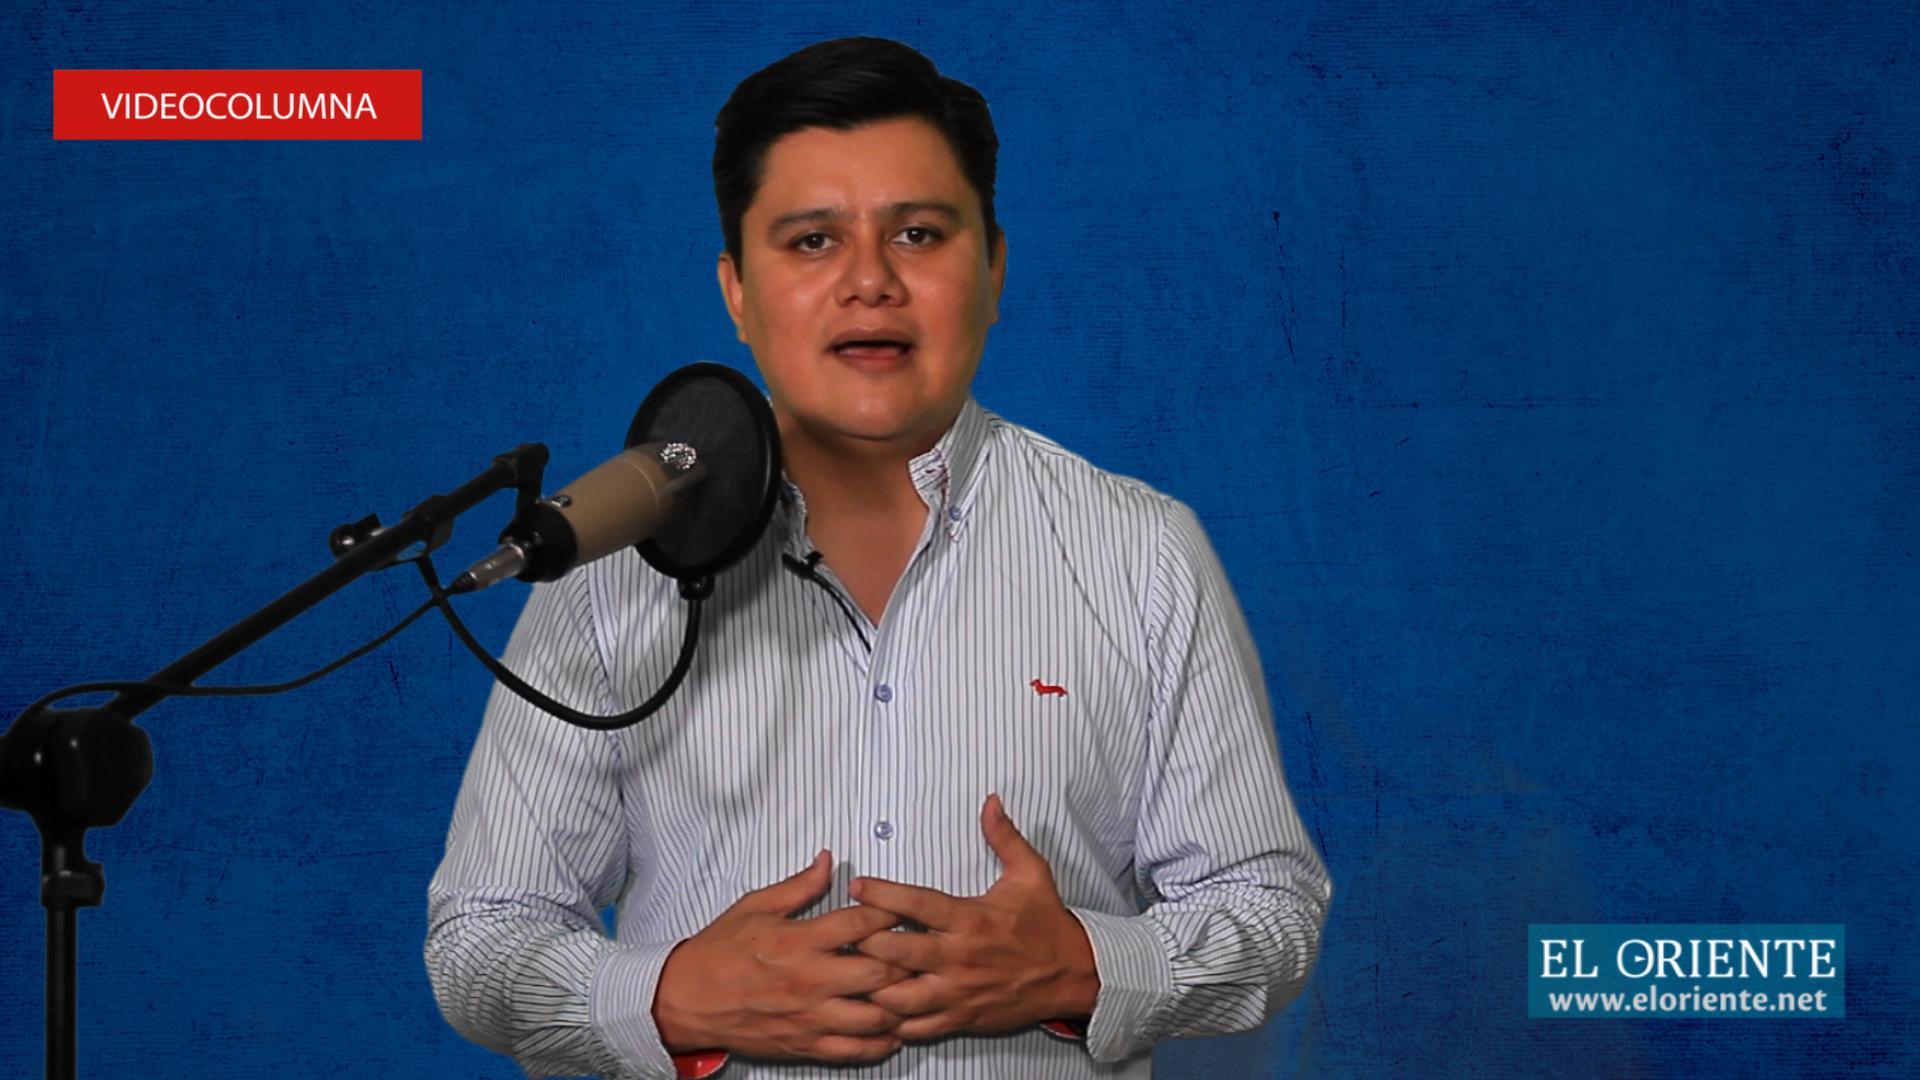 JUAN CARLOS RIVERA 21 DE JUNIO